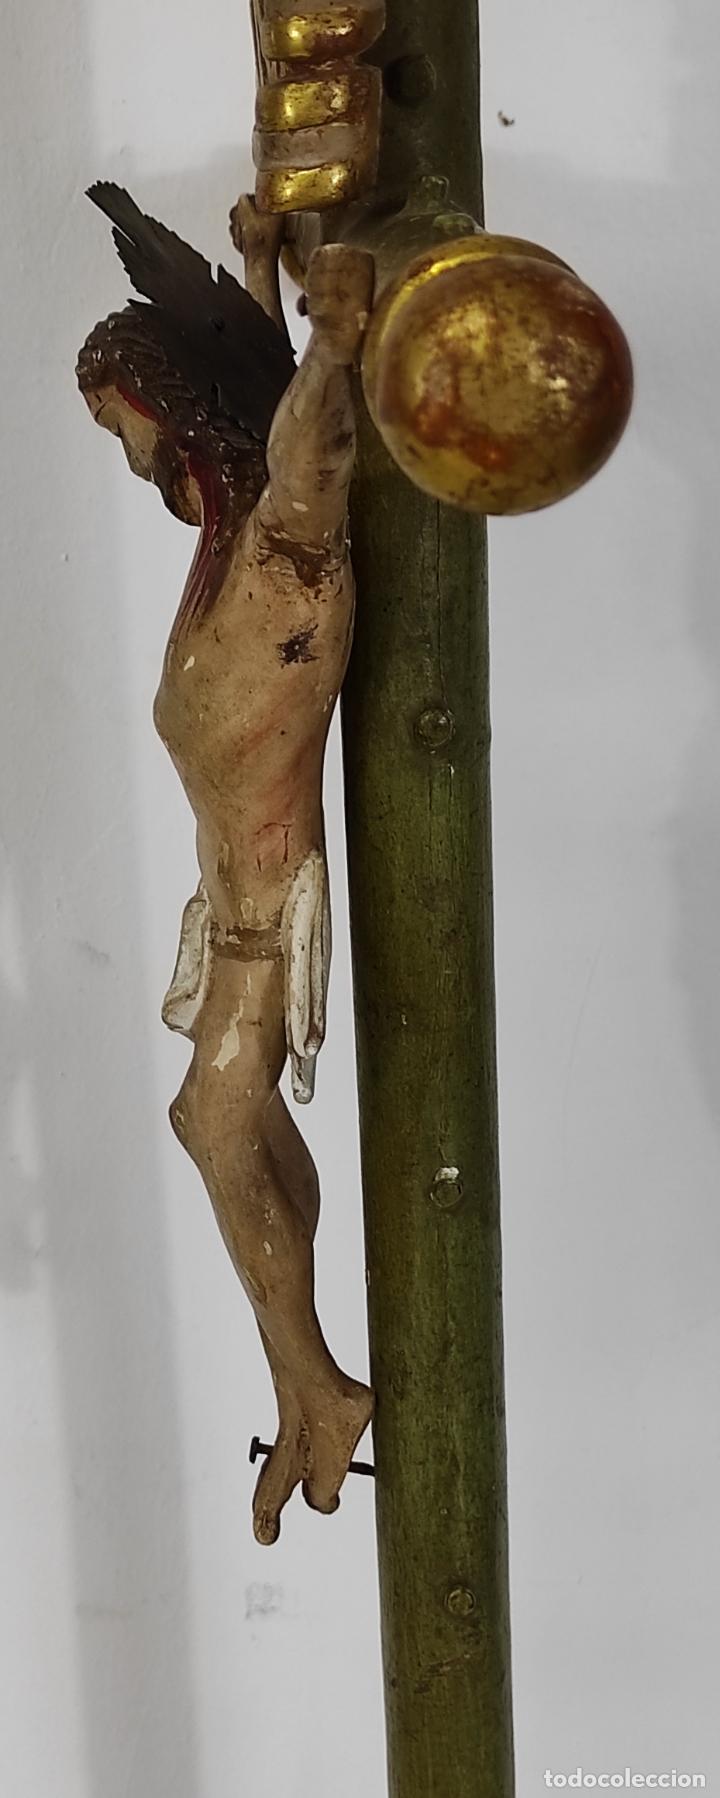 Antigüedades: Antiguo Crucifijo a la Cruz - Jesucristo Barroco - Talla de Madera Policromada y Dorada - S. XVIII - Foto 10 - 245155145